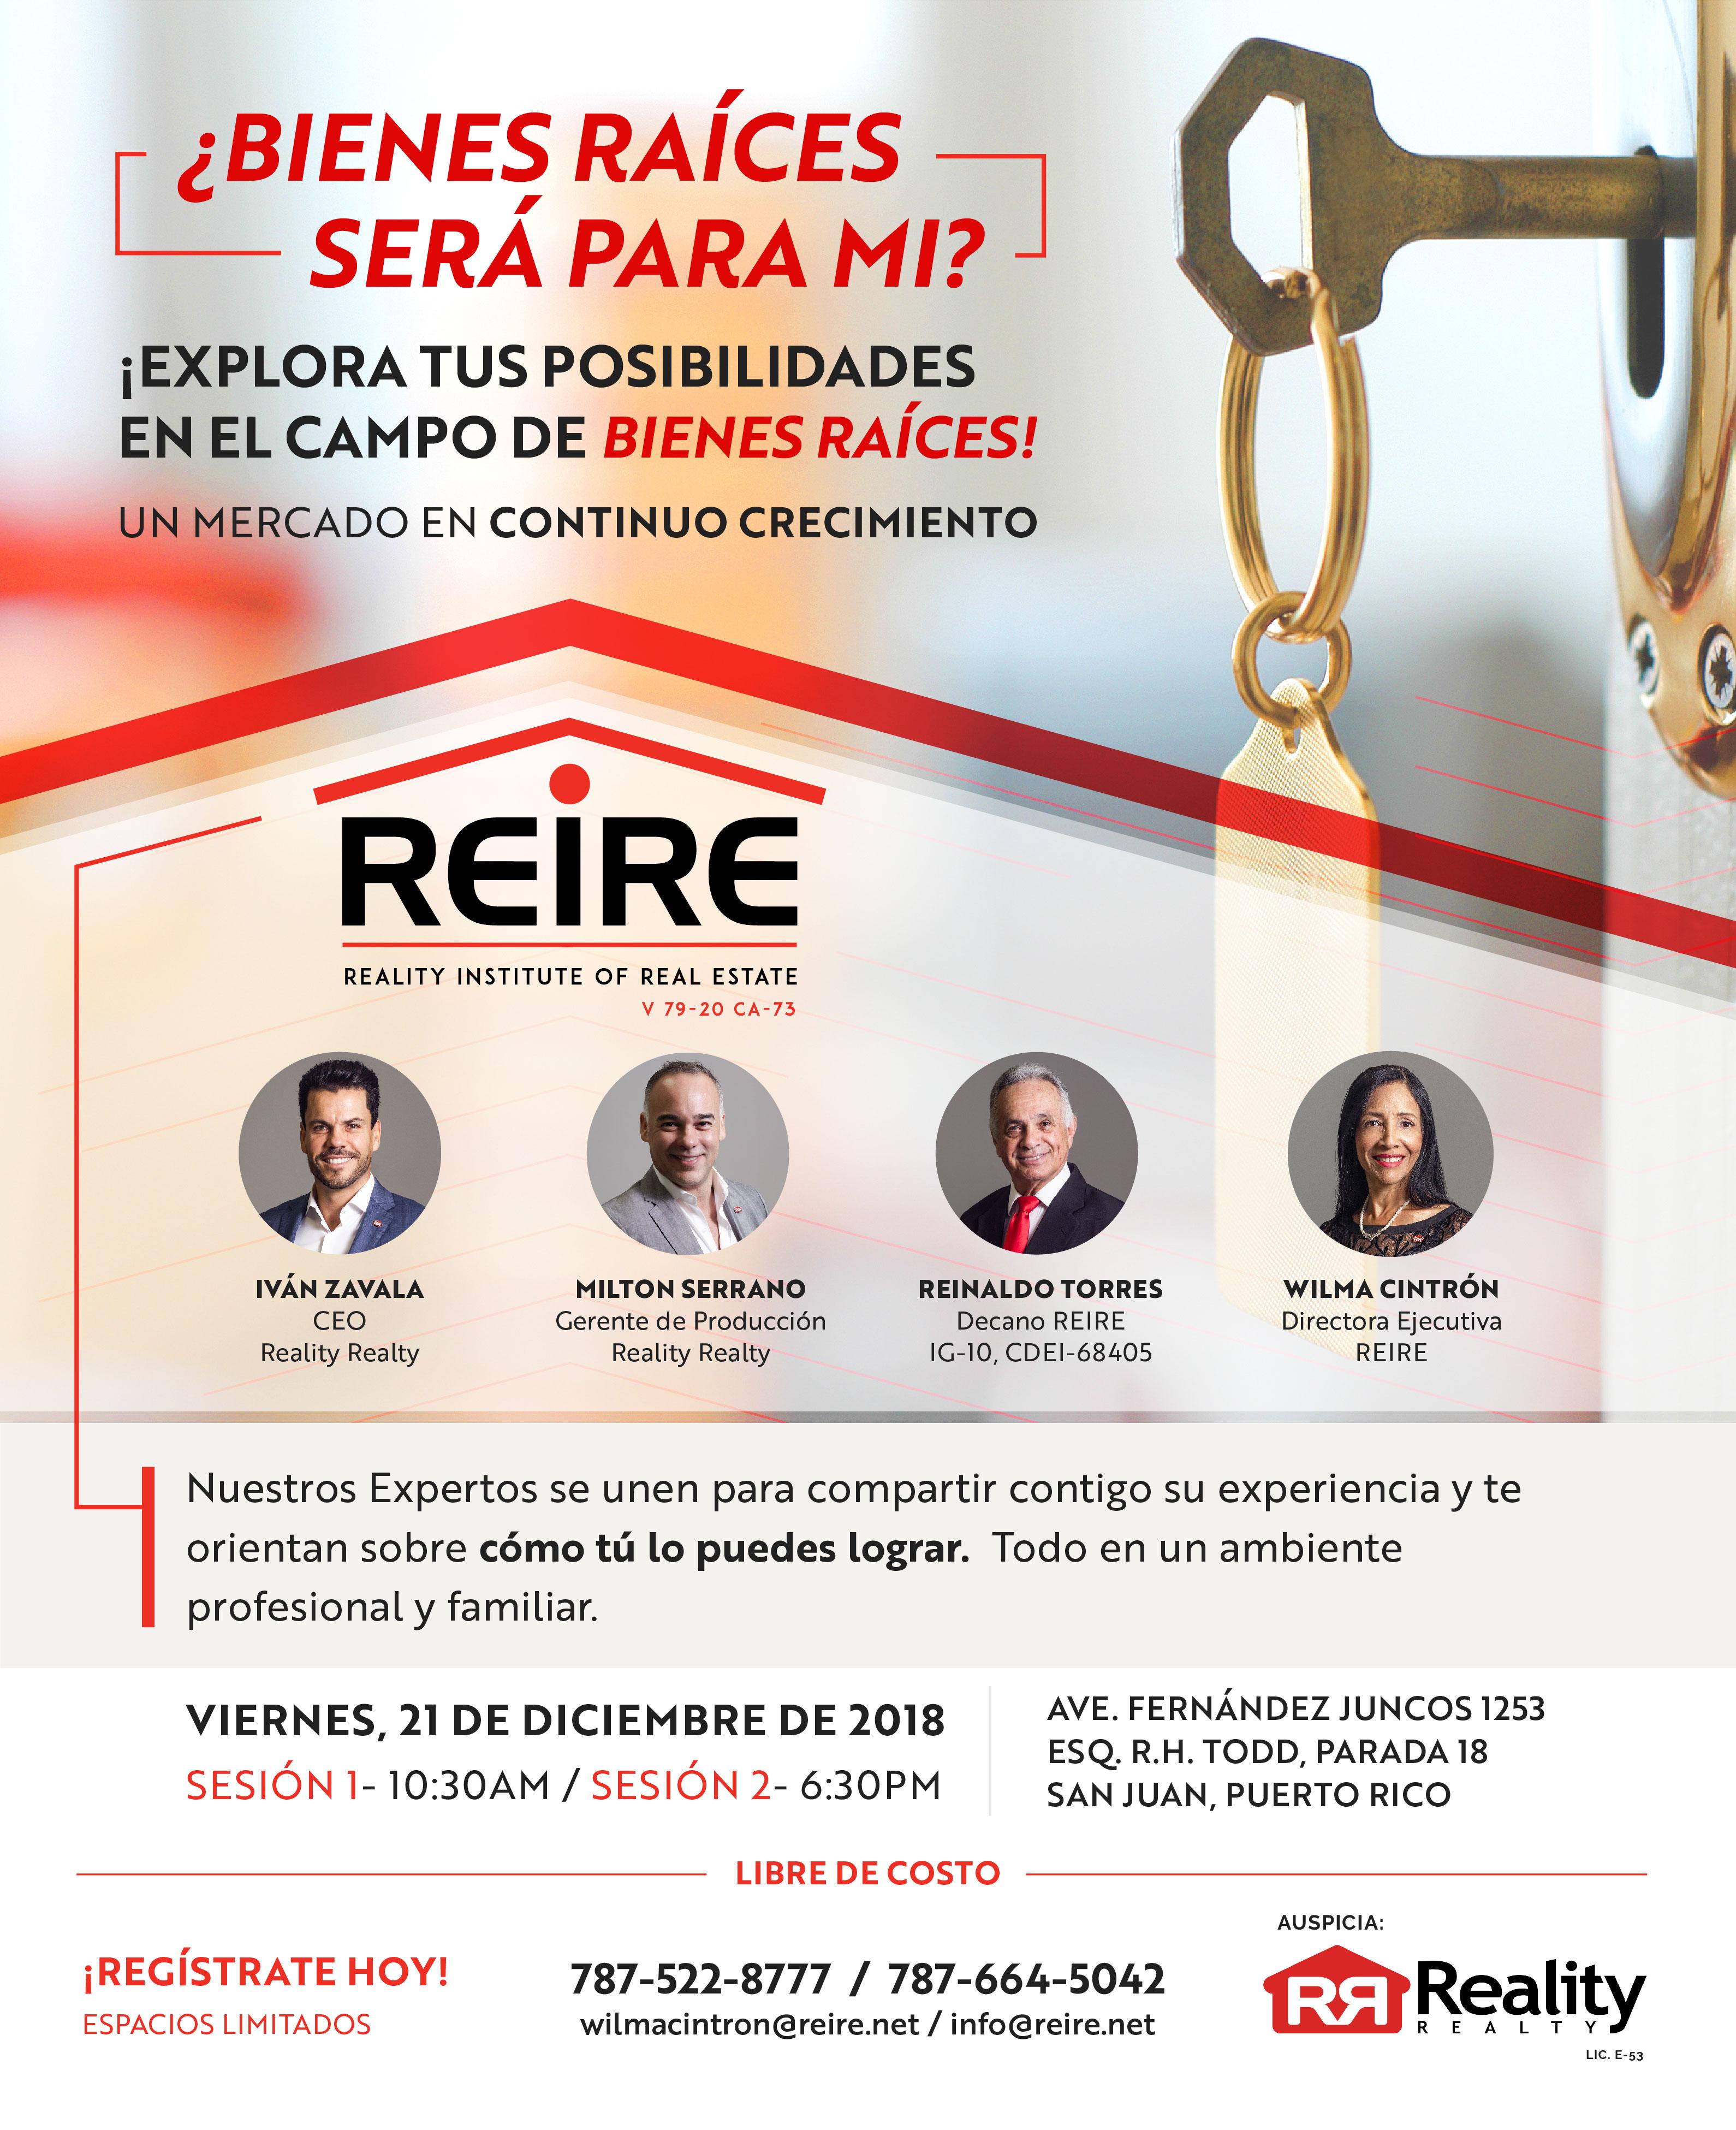 REIRE 2018 EVENTO 21 DE DICIEMBRE SERÁ PARA MI